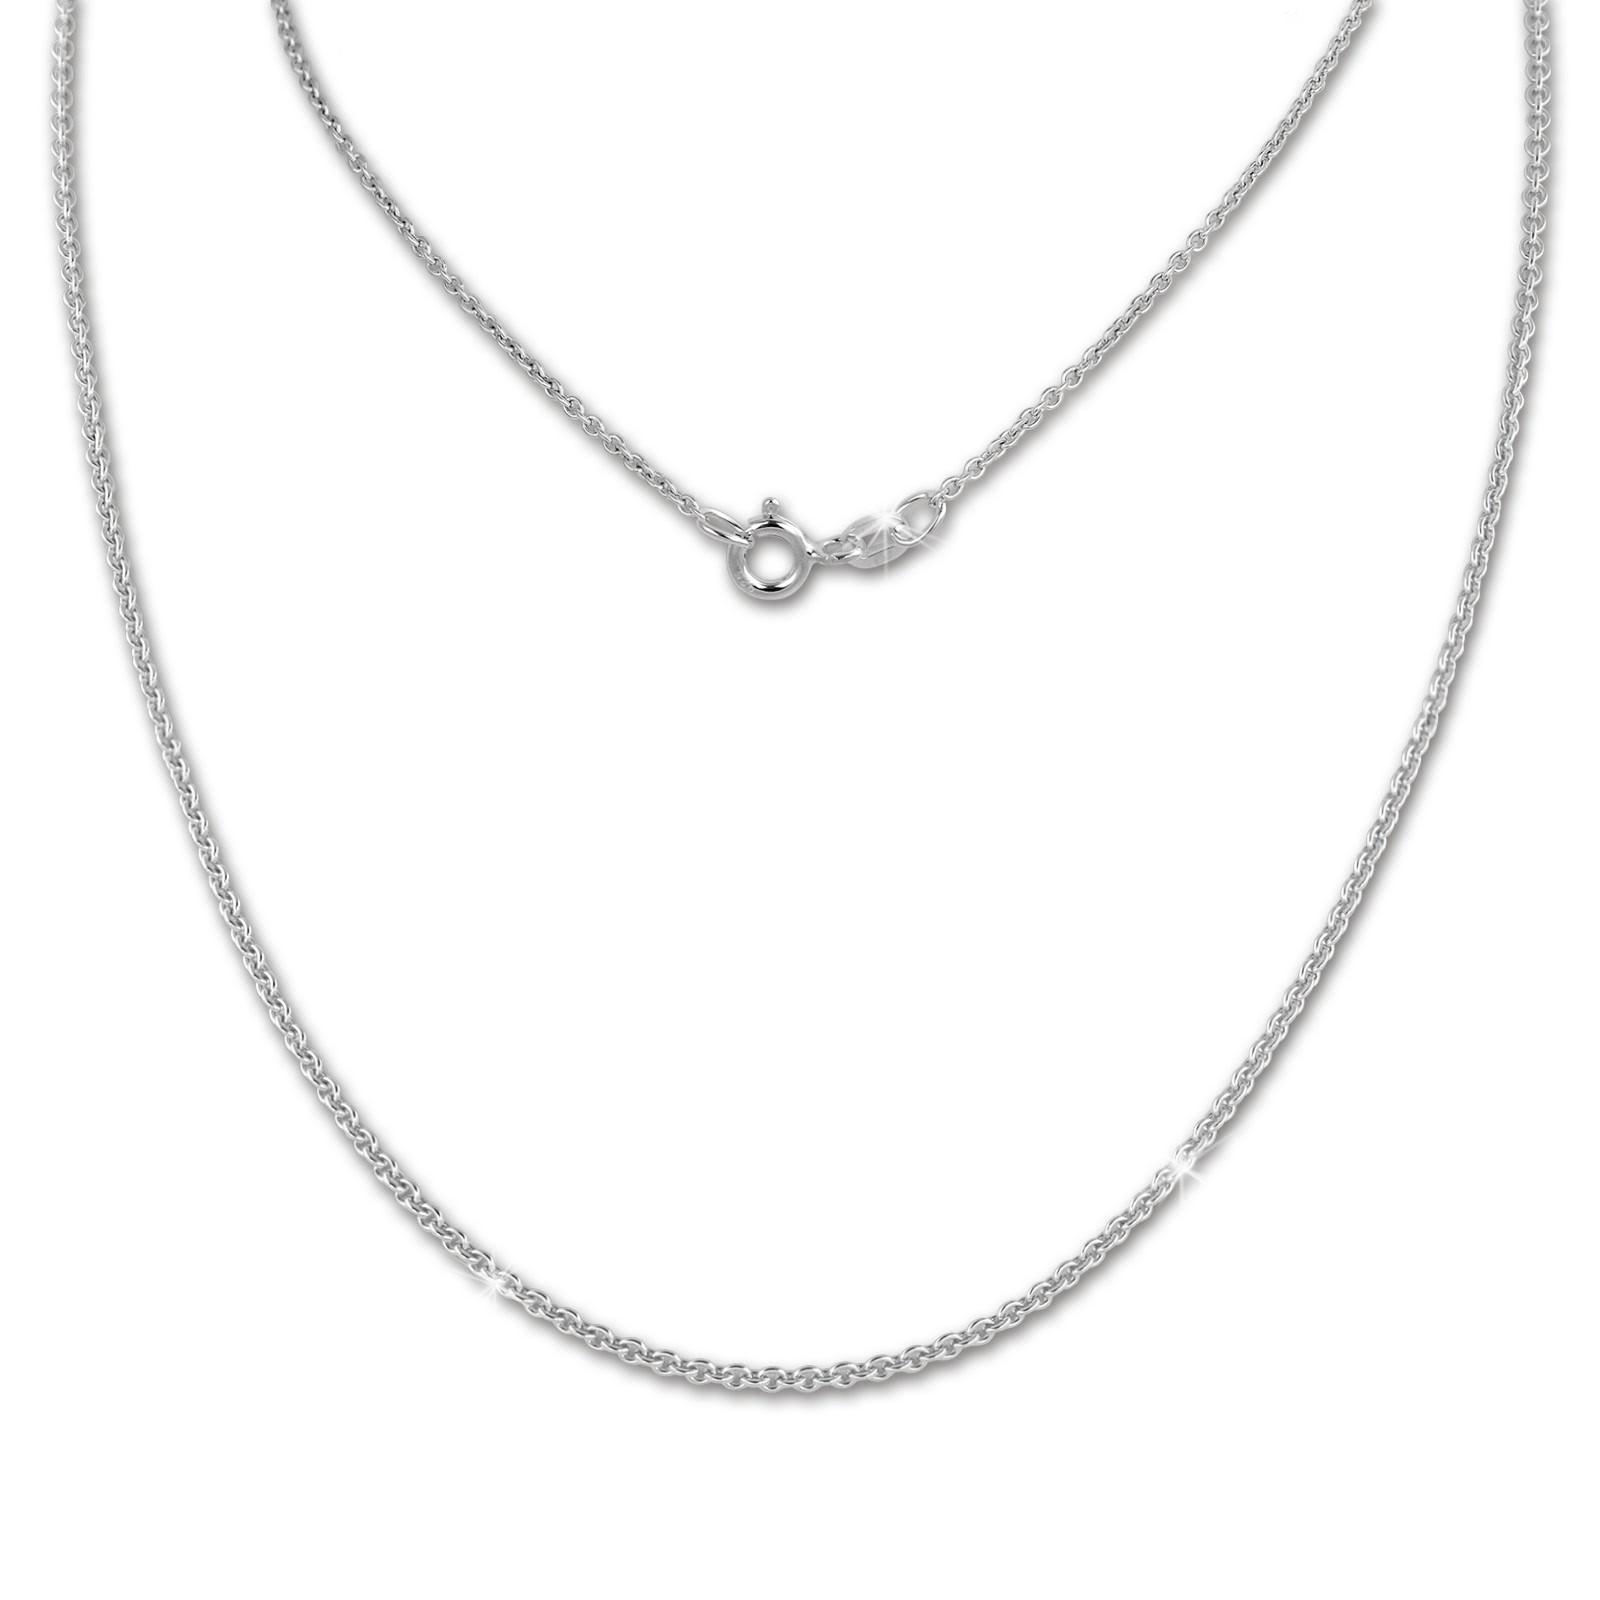 SilberDream Kette Anker rund 925 Sterling Silber 45cm Damen Halskette SDK28845J